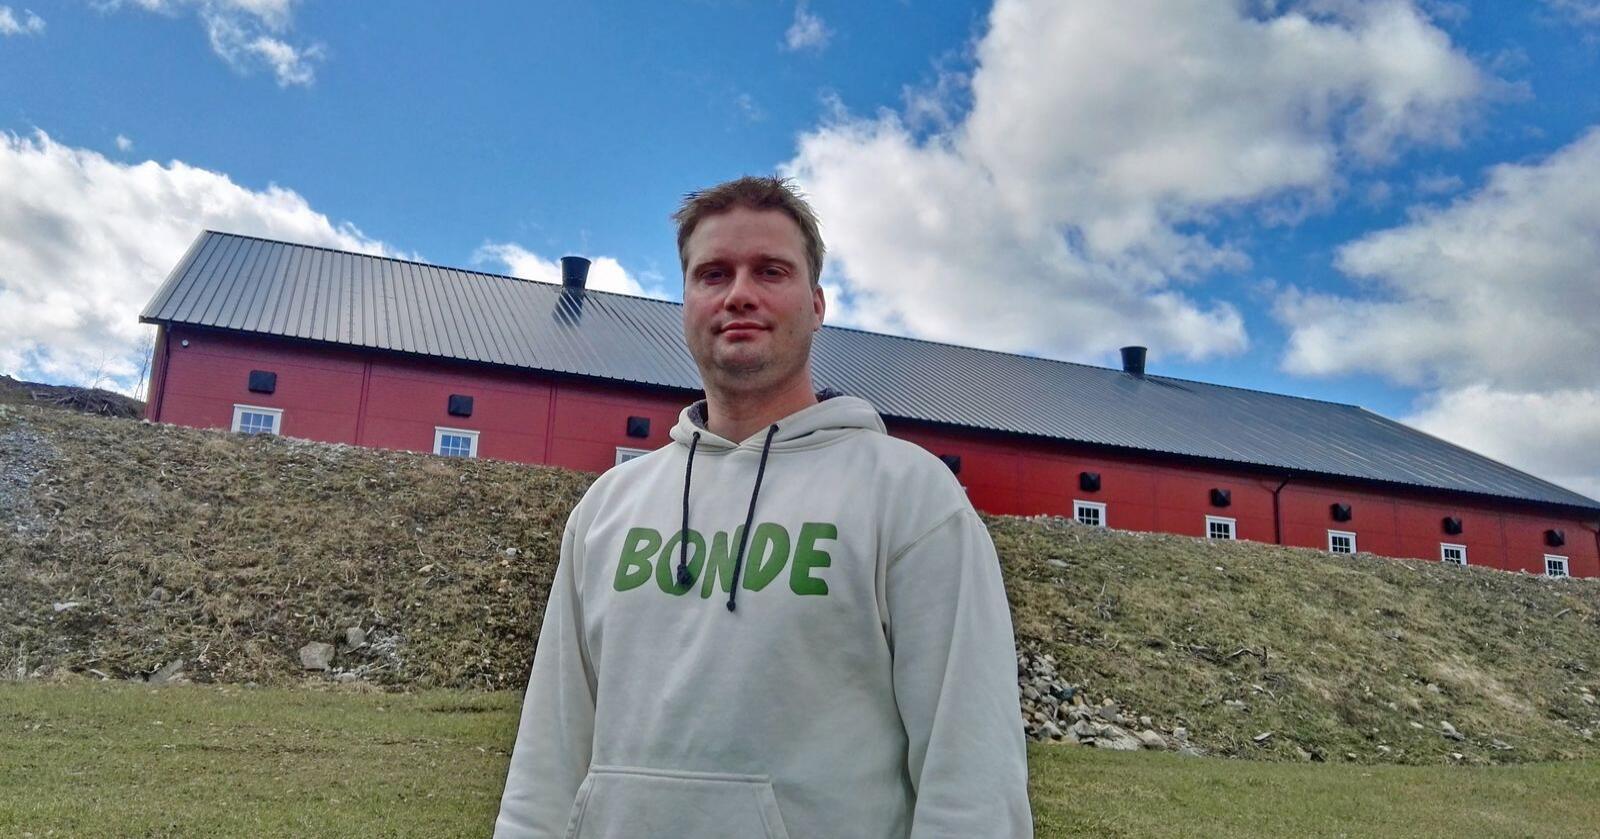 – I årets jordbruksoppgjør vil vi ha en styrket kanaliseringspolitikk, sier ammekubonde Knut Erik Ulltveit i Gjerstad. Foto: Stian Eide